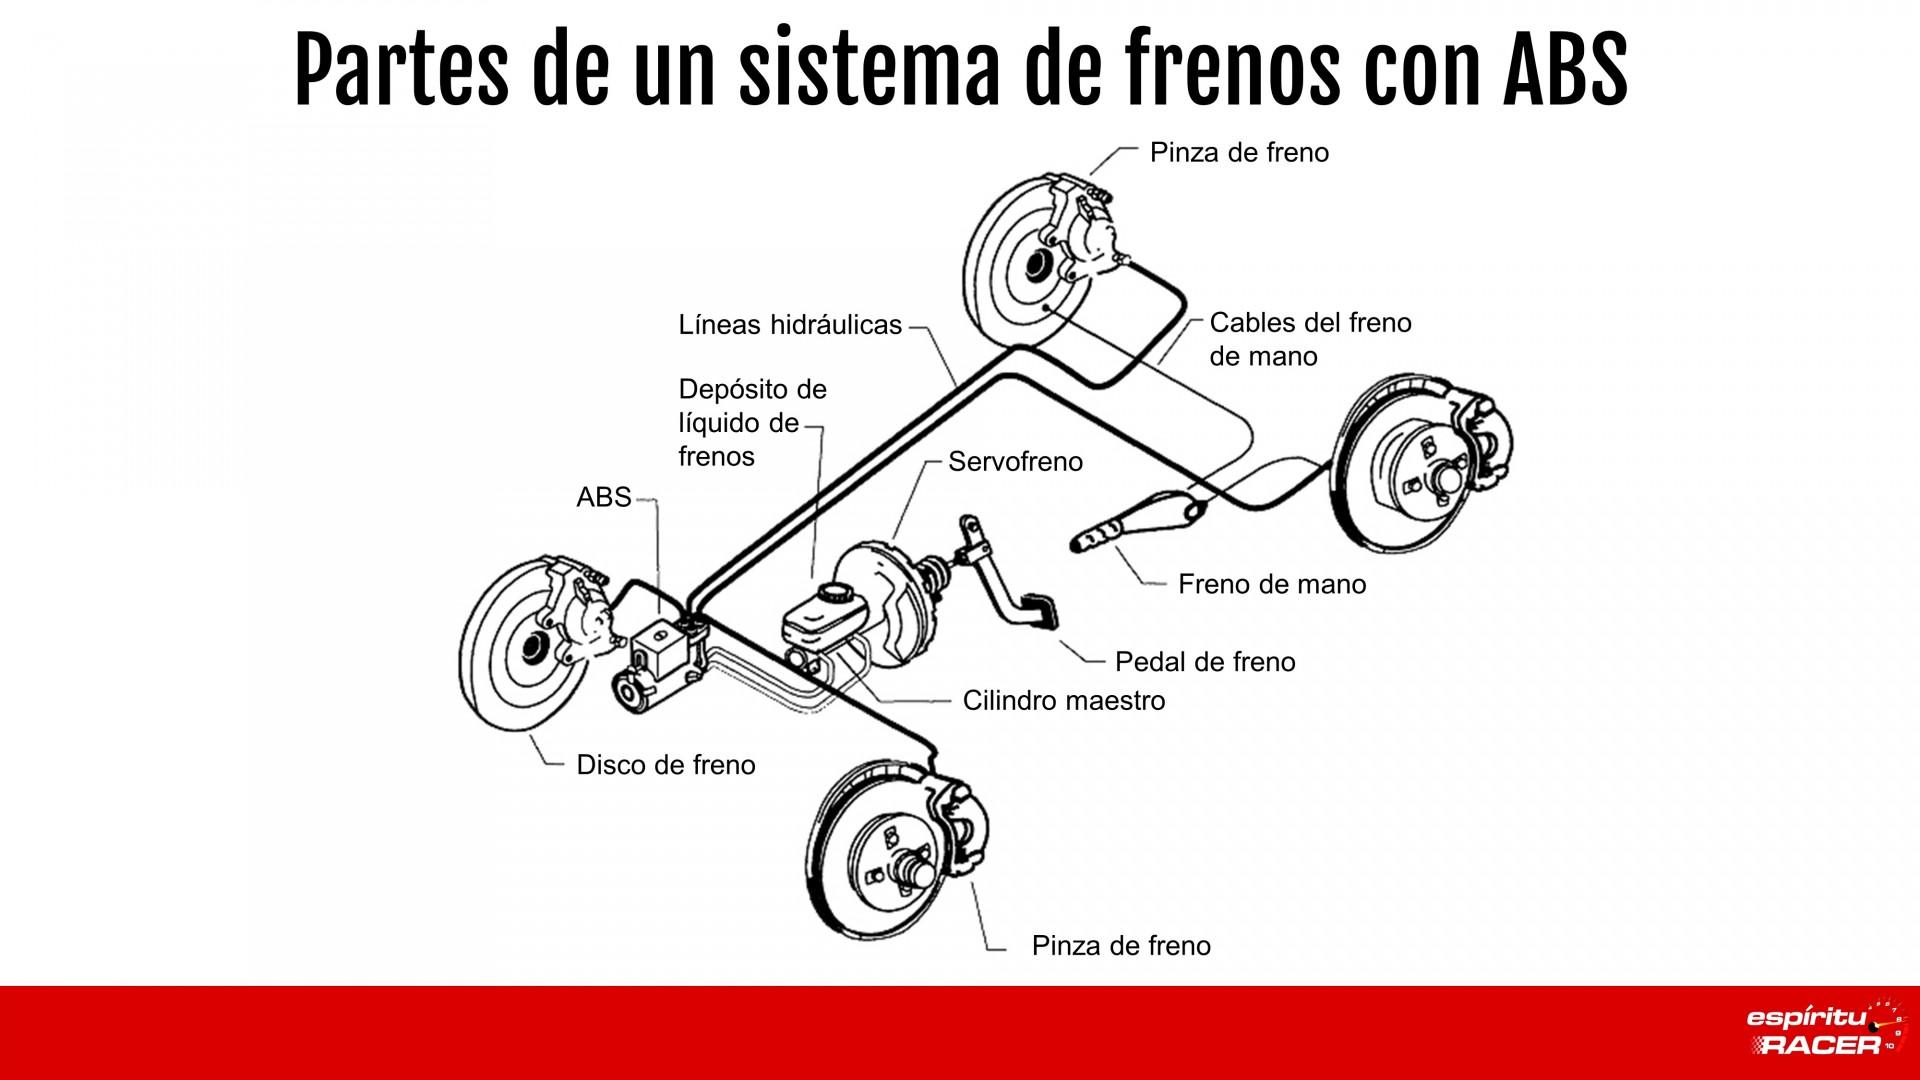 Partes De Sistema De Frenos Con ABS